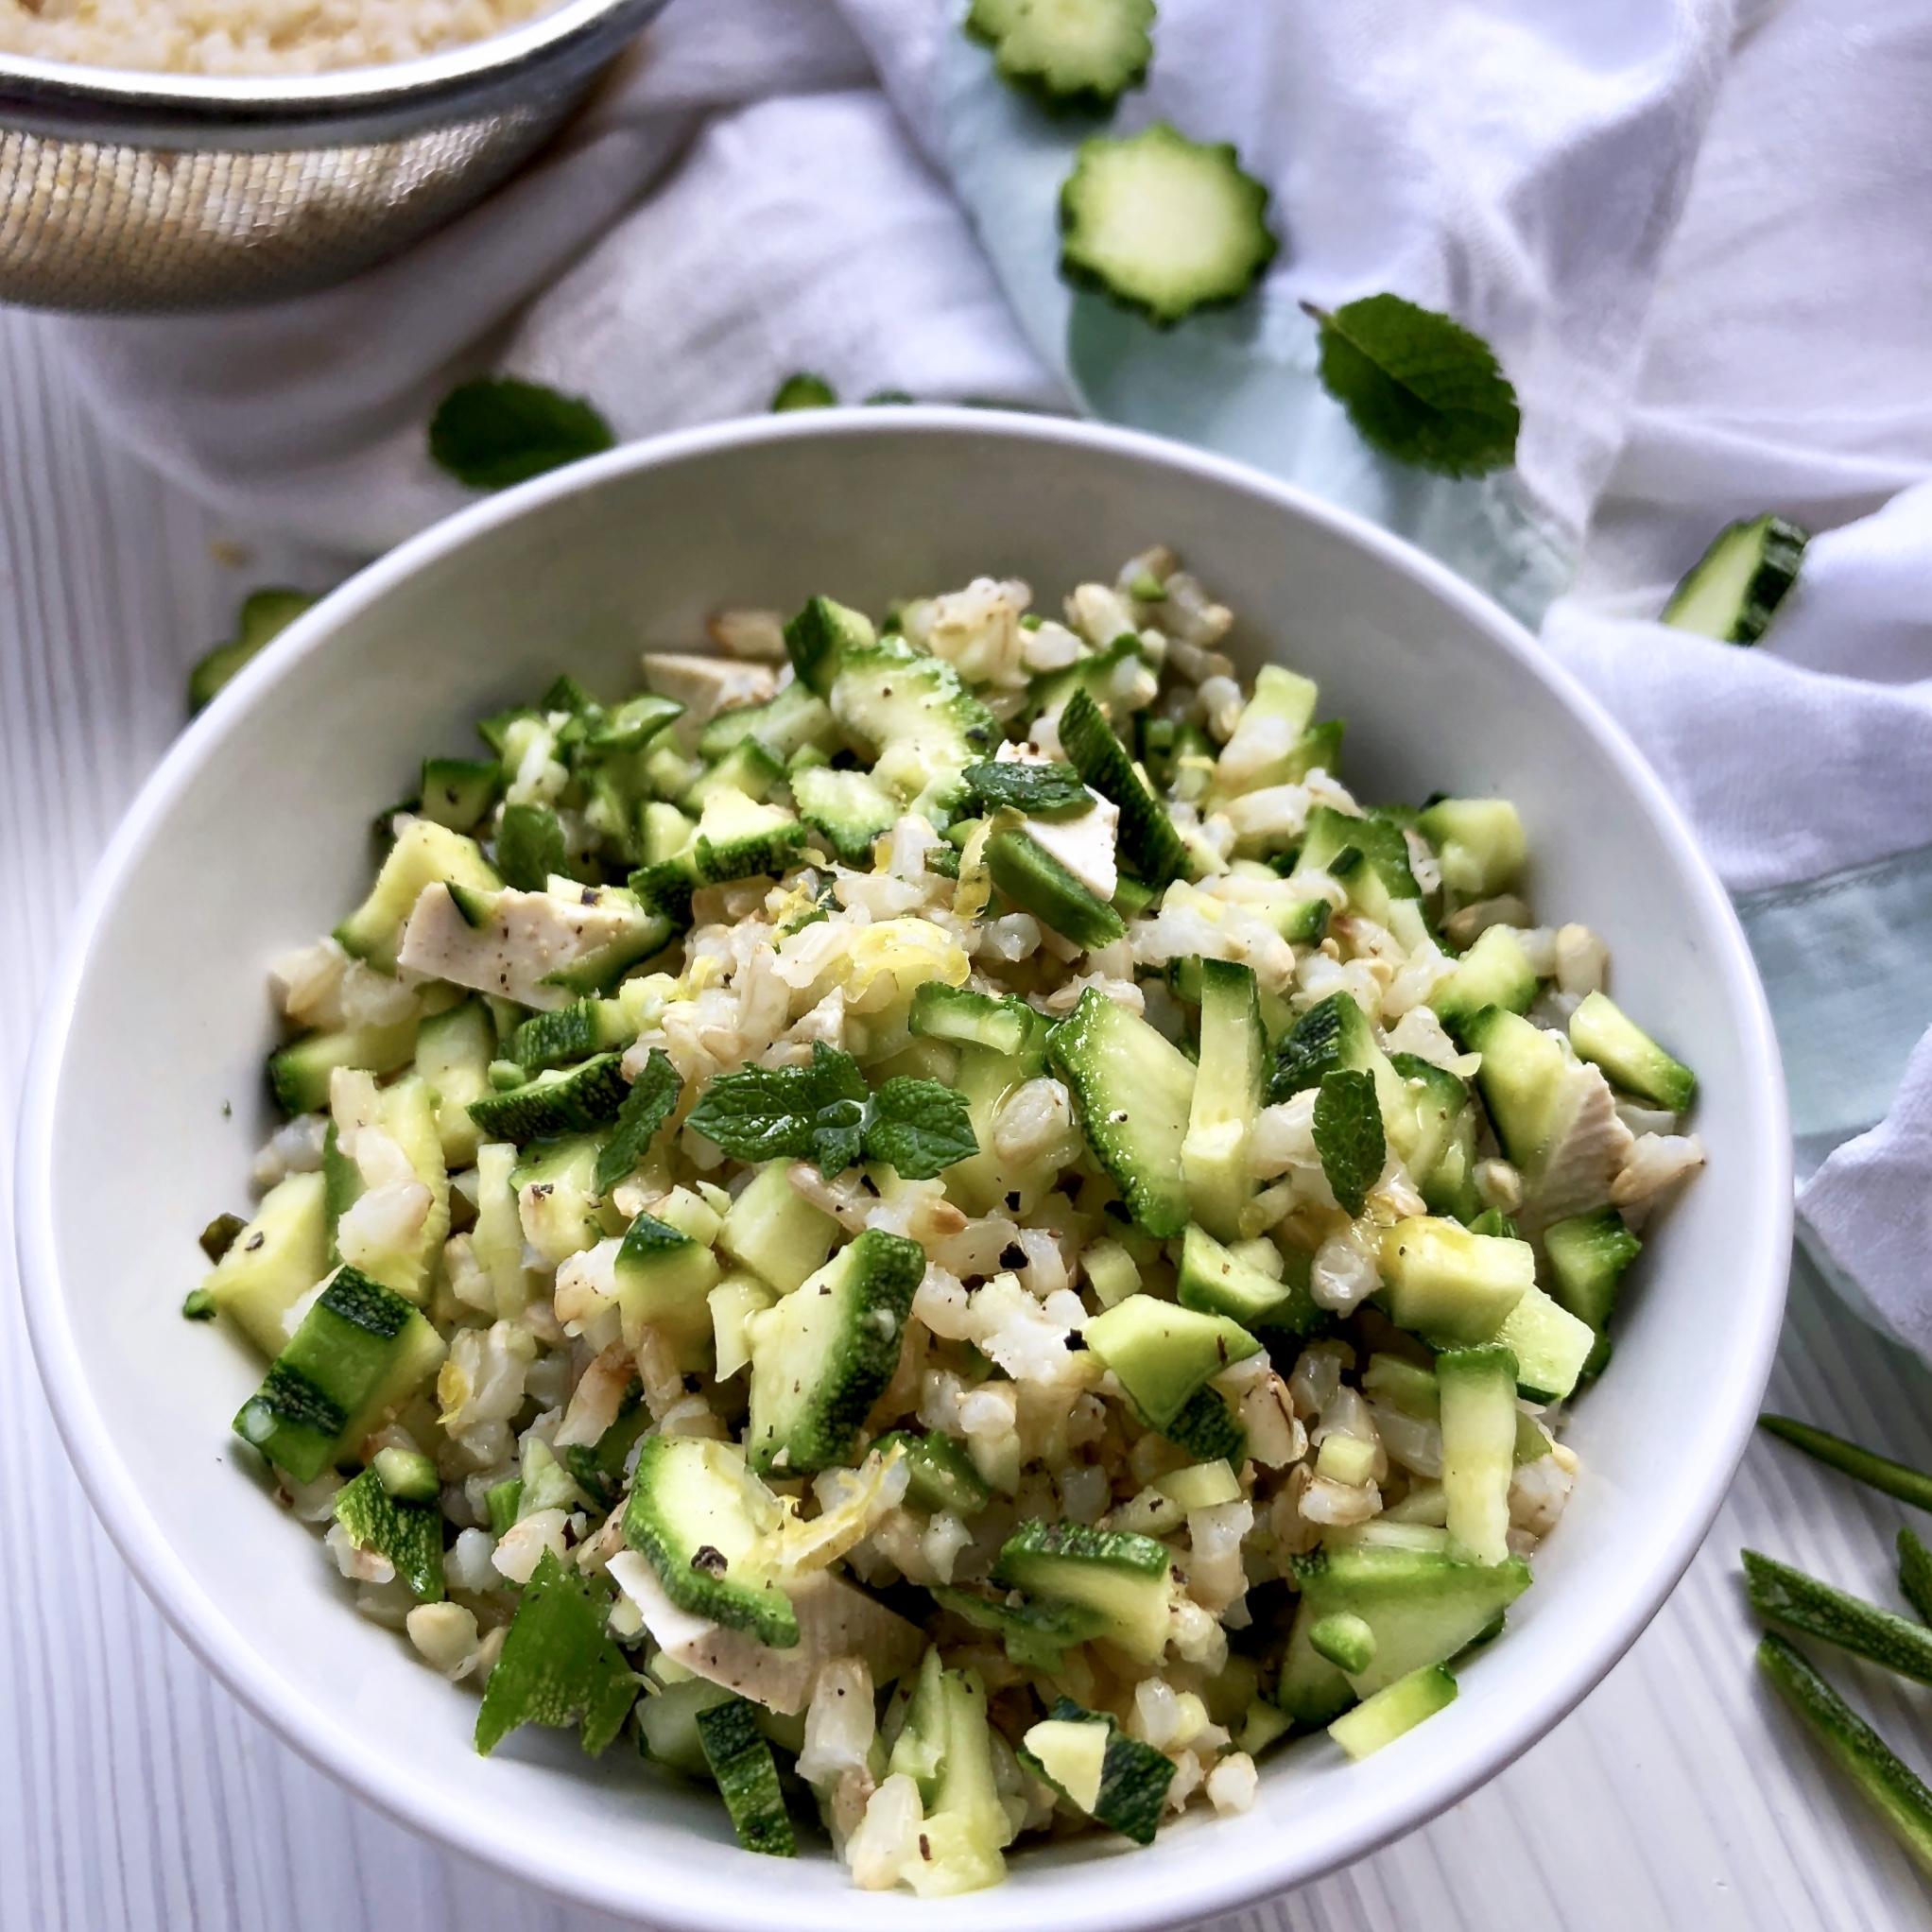 Insalata di riso integrale con zucchine marinate al limone, tofu e menta